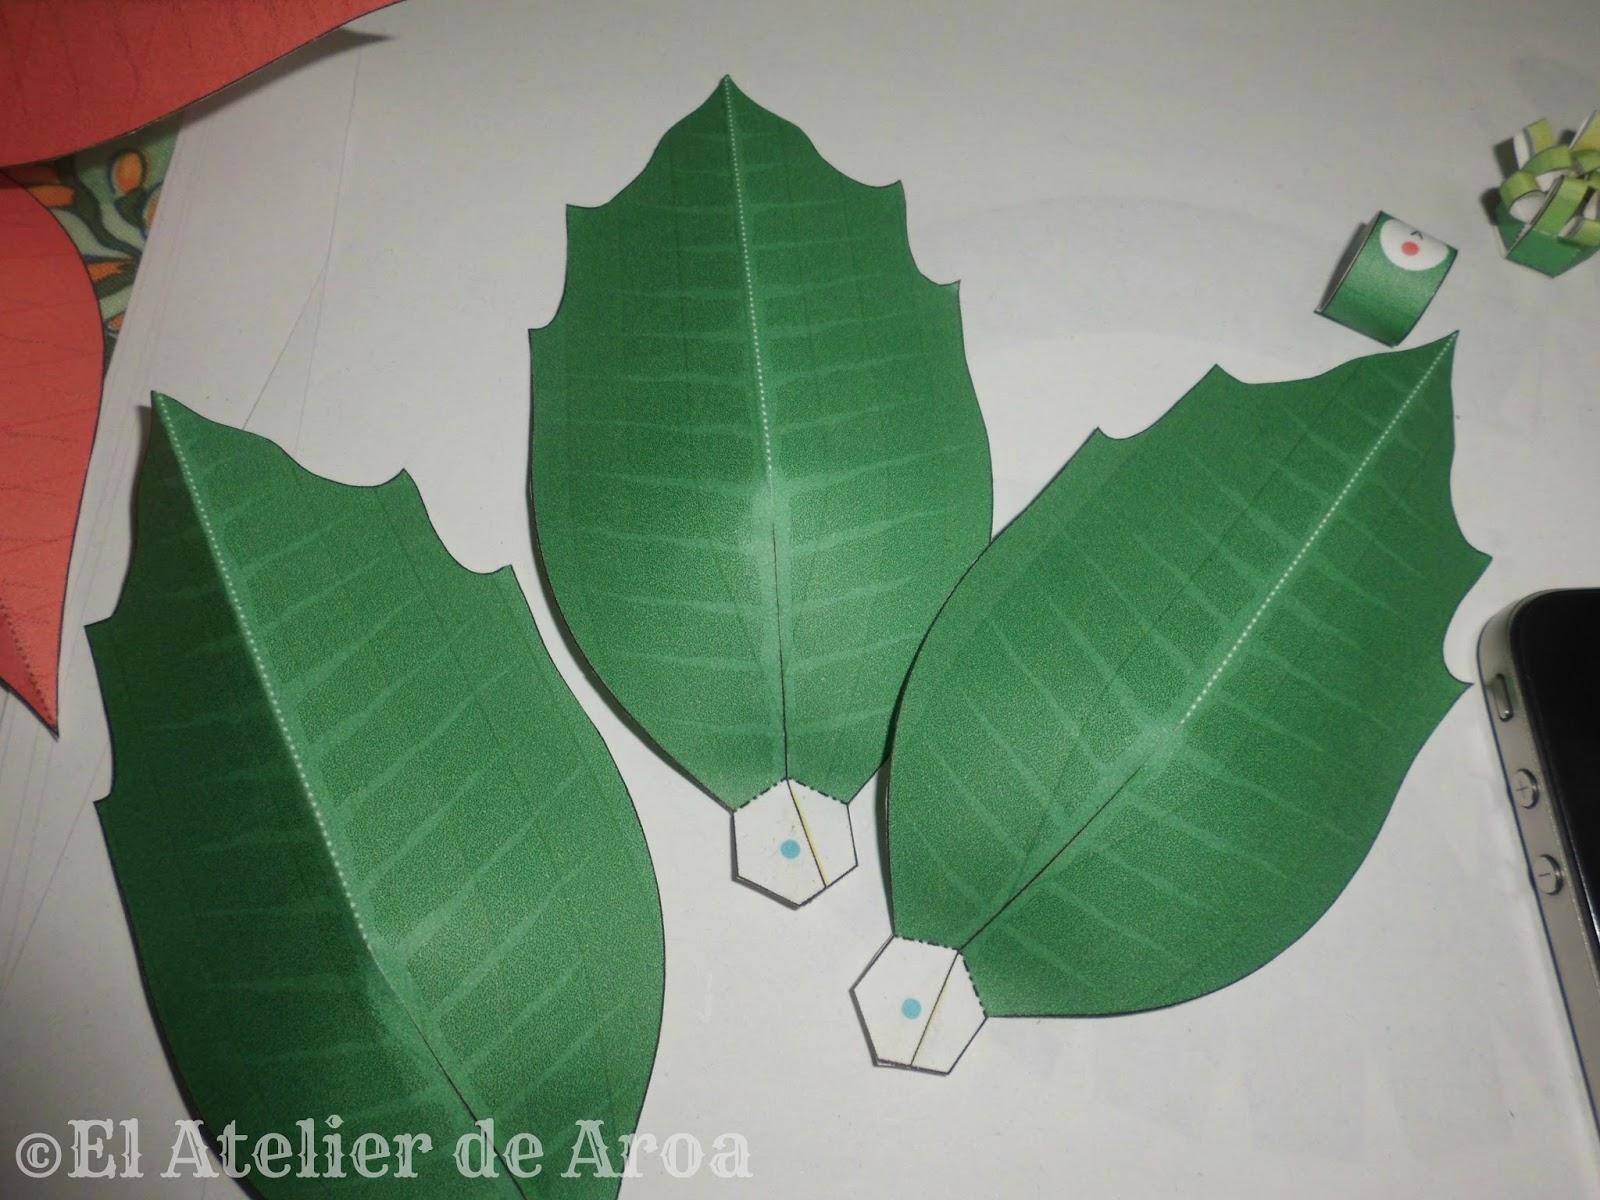 El Atelier de Aroa: Poinsettia en papel